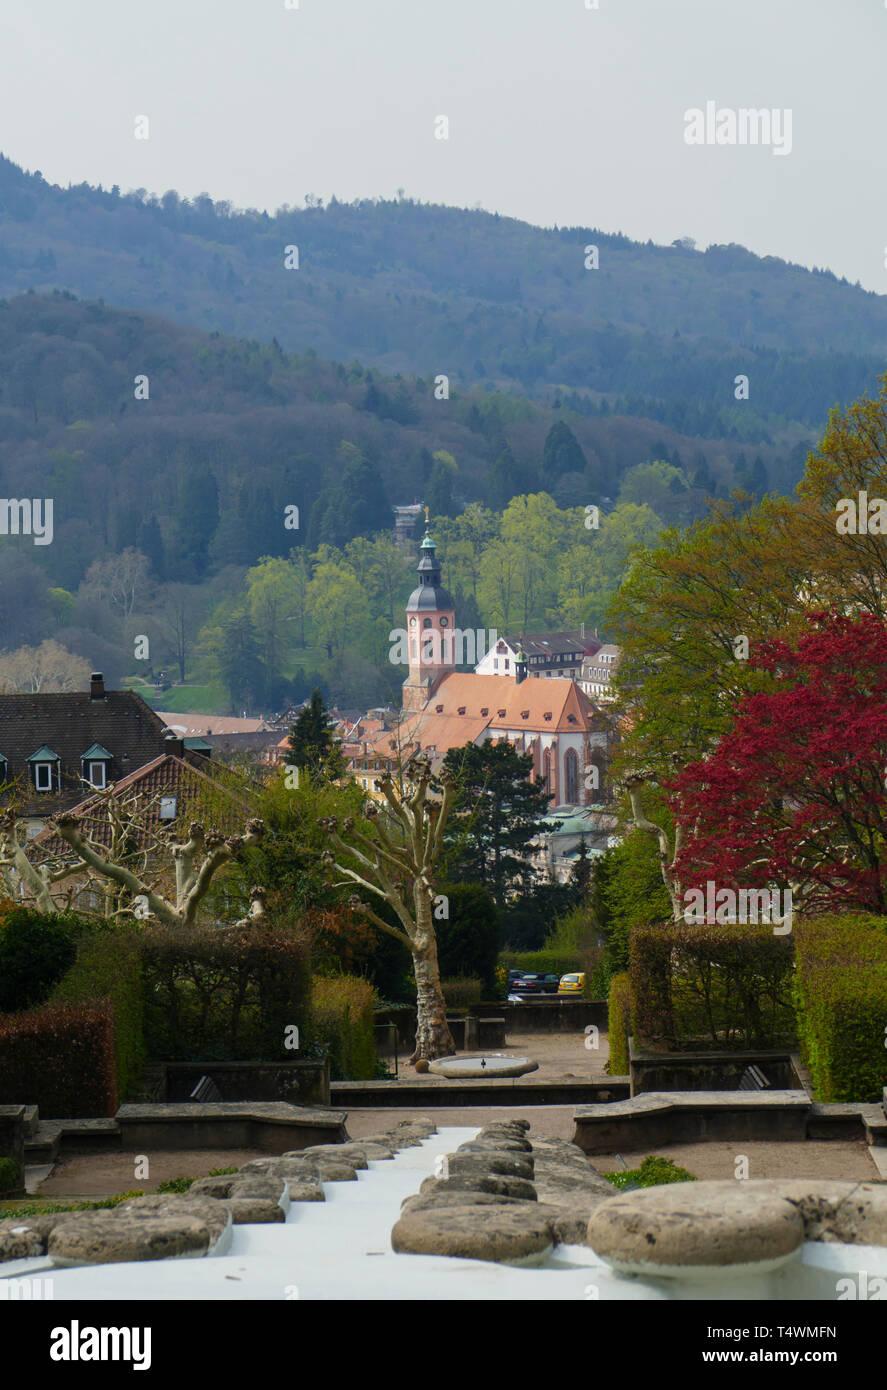 Blick über das Wasserparadies, zur Altstadt mit Stiftskirche in Baden-Baden - Stock Image